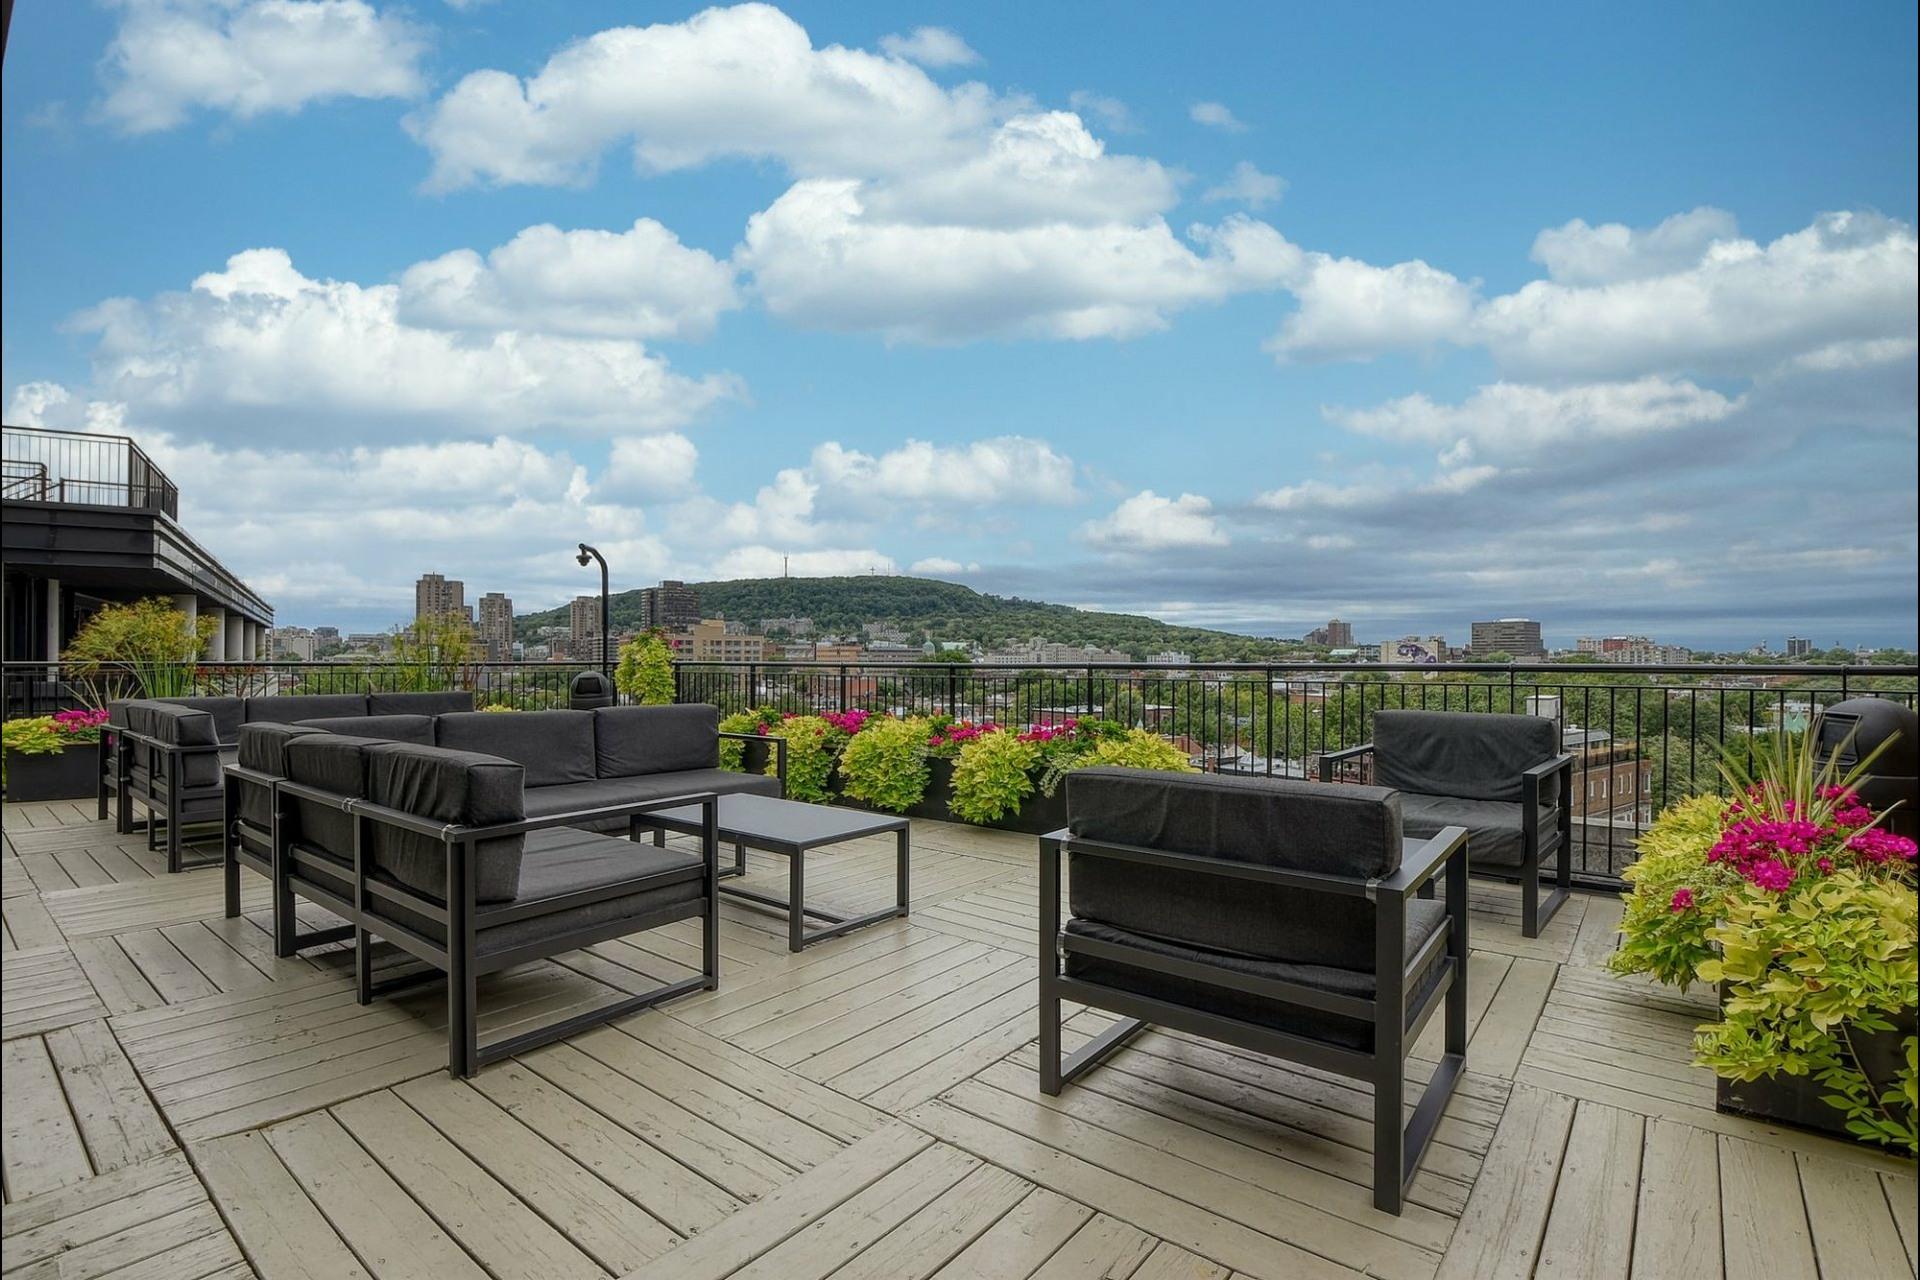 image 13 - Appartement À vendre Le Plateau-Mont-Royal Montréal  - 3 pièces